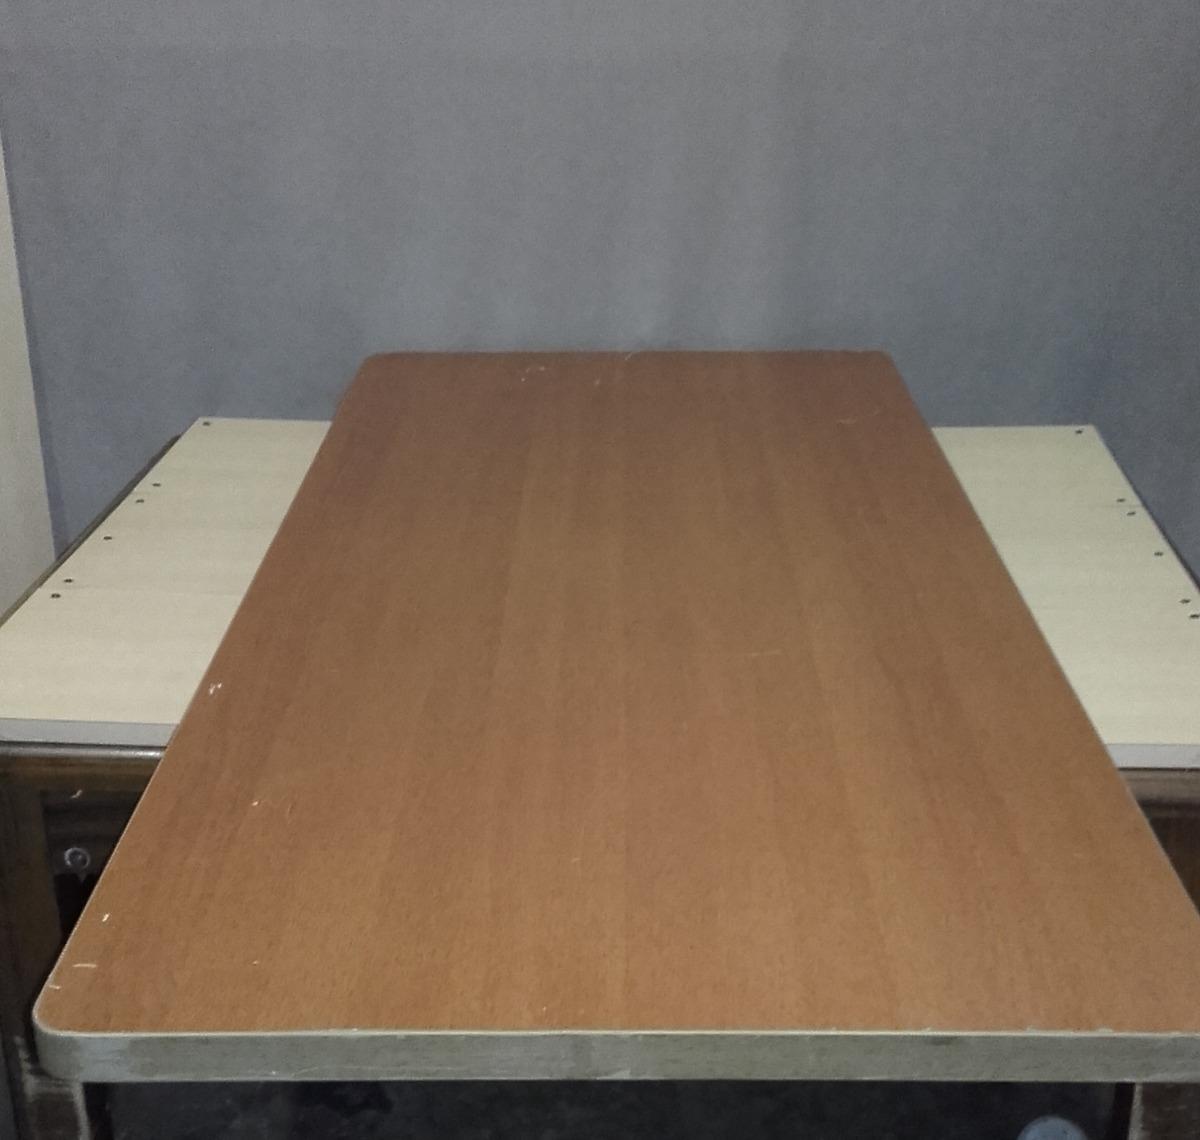 Madera aglomerada con formica para escritorio mesa o meson bs 55 00 en mercado libre - Mesa escritorio madera ...